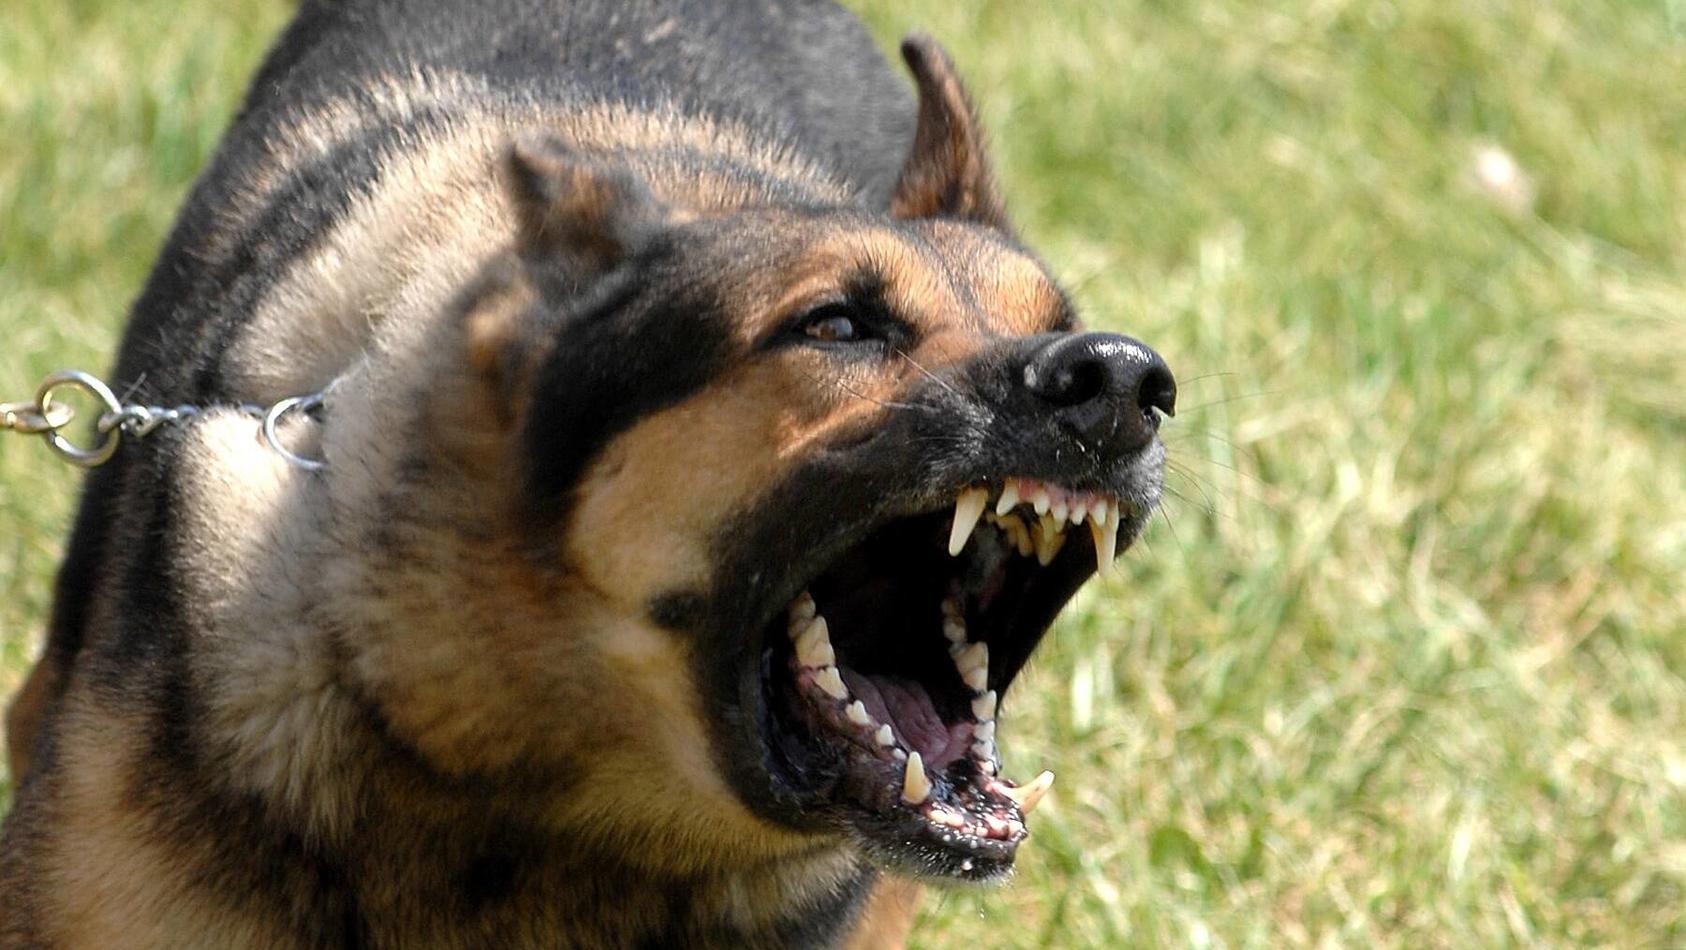 bei-einer-hausdurchsuchung-in-wiesbaden-erschossen-polizeibeamte-einen-hund-symbolbild